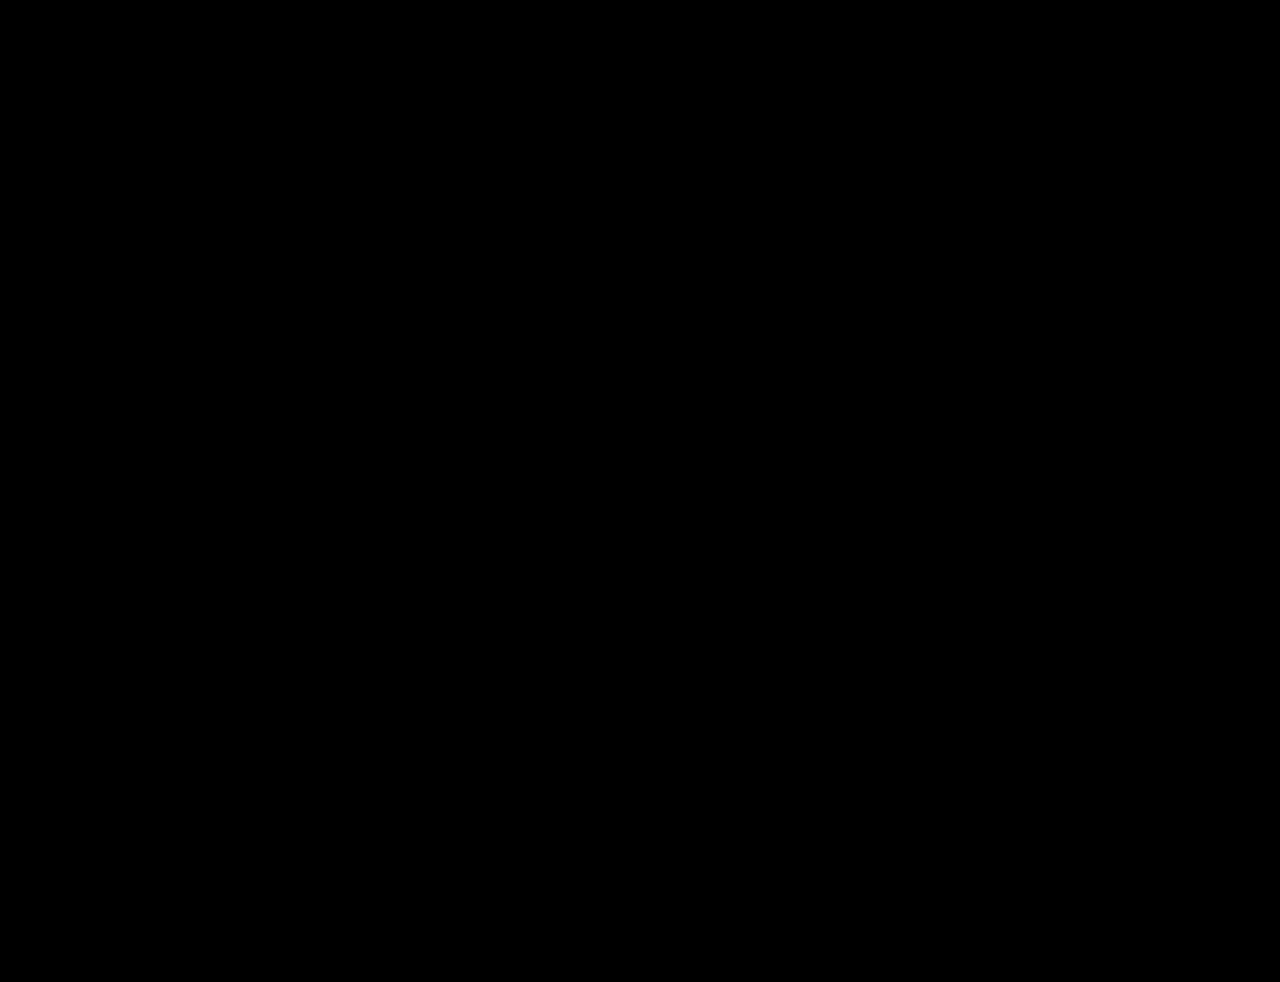 Рисунок самолёта сверху